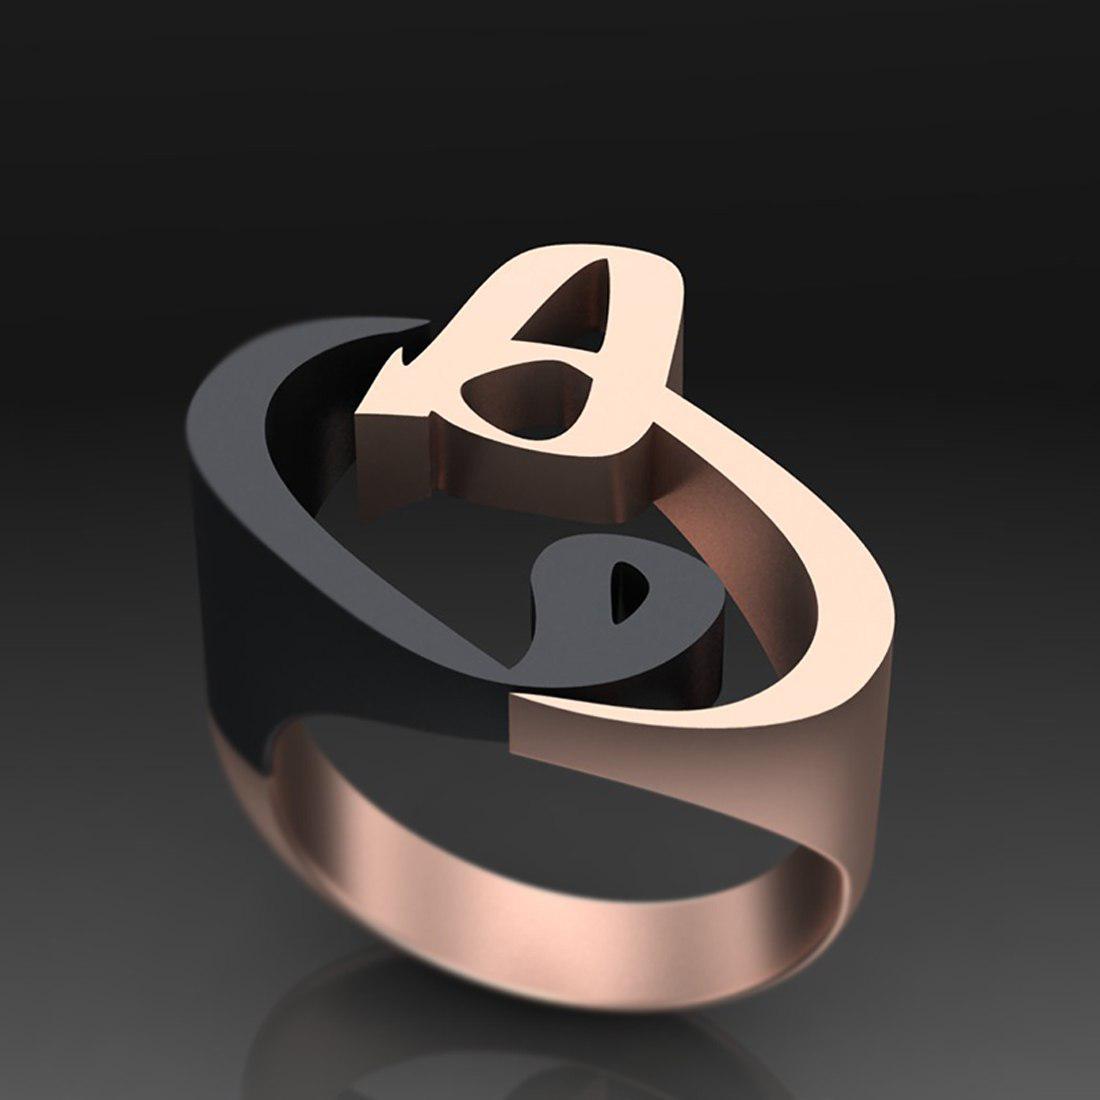 آموزش طراحی طلا و جواهر,آموزشگاه طراحی طلا,نرم افزار ماتریکس,طراحی جواهرات